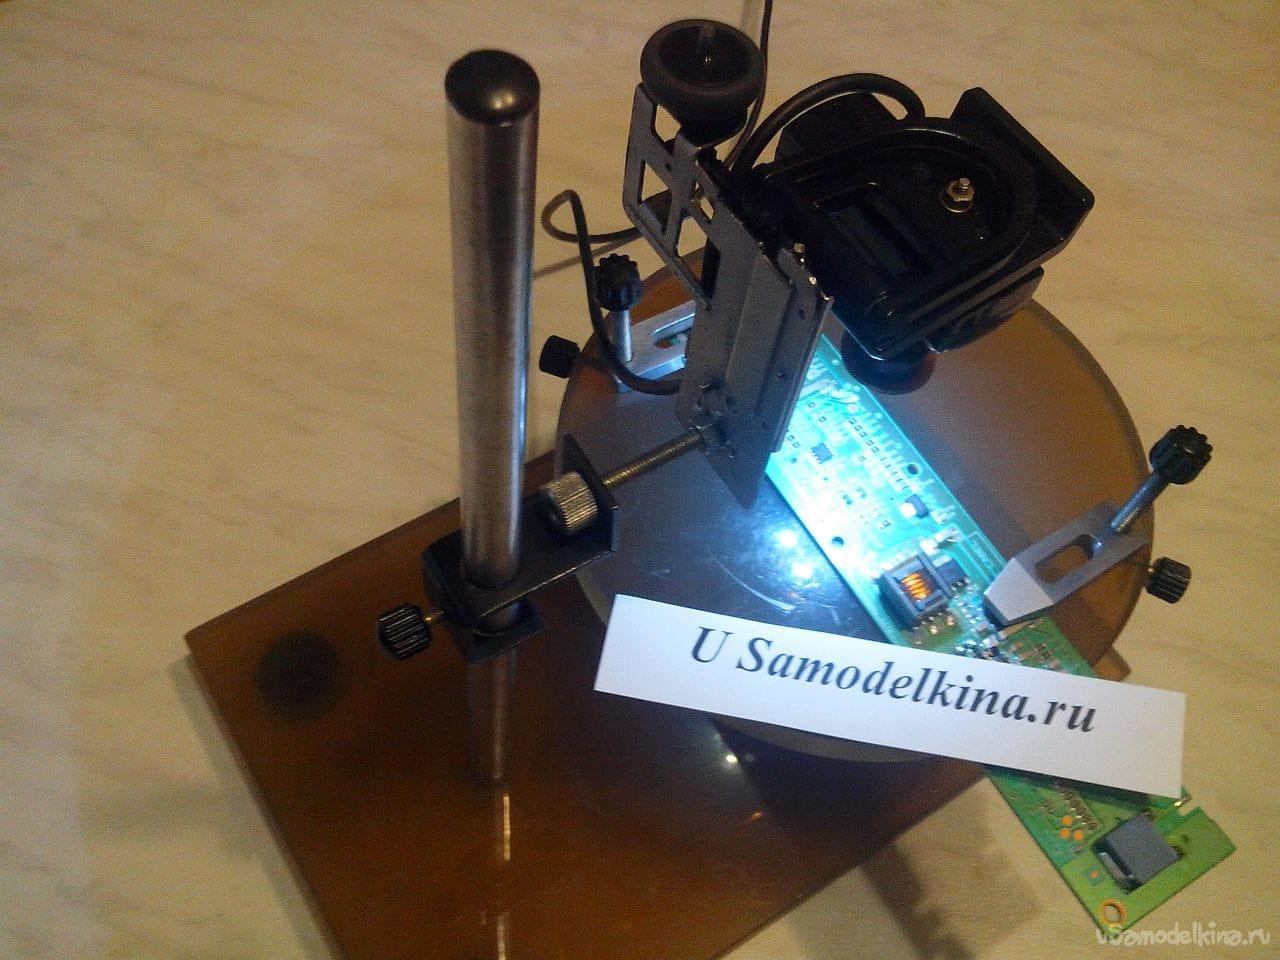 improvised microscope